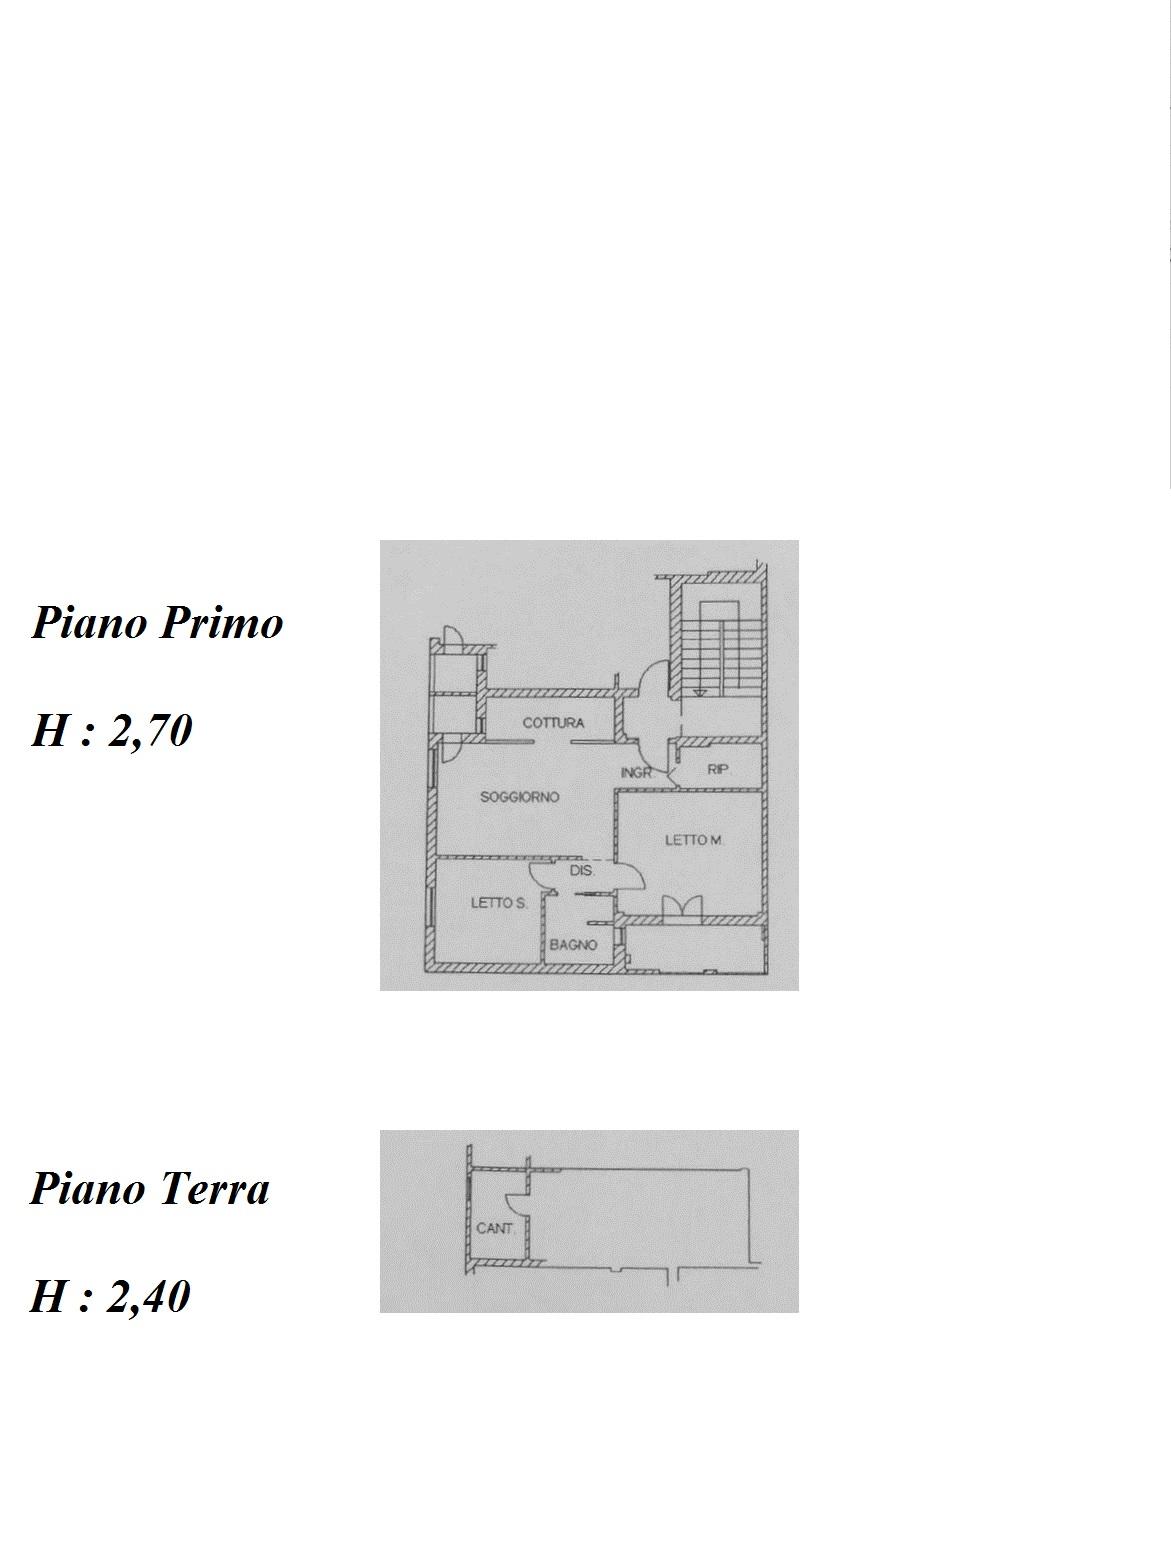 Planimetria piano secondo e cantina al piano terra